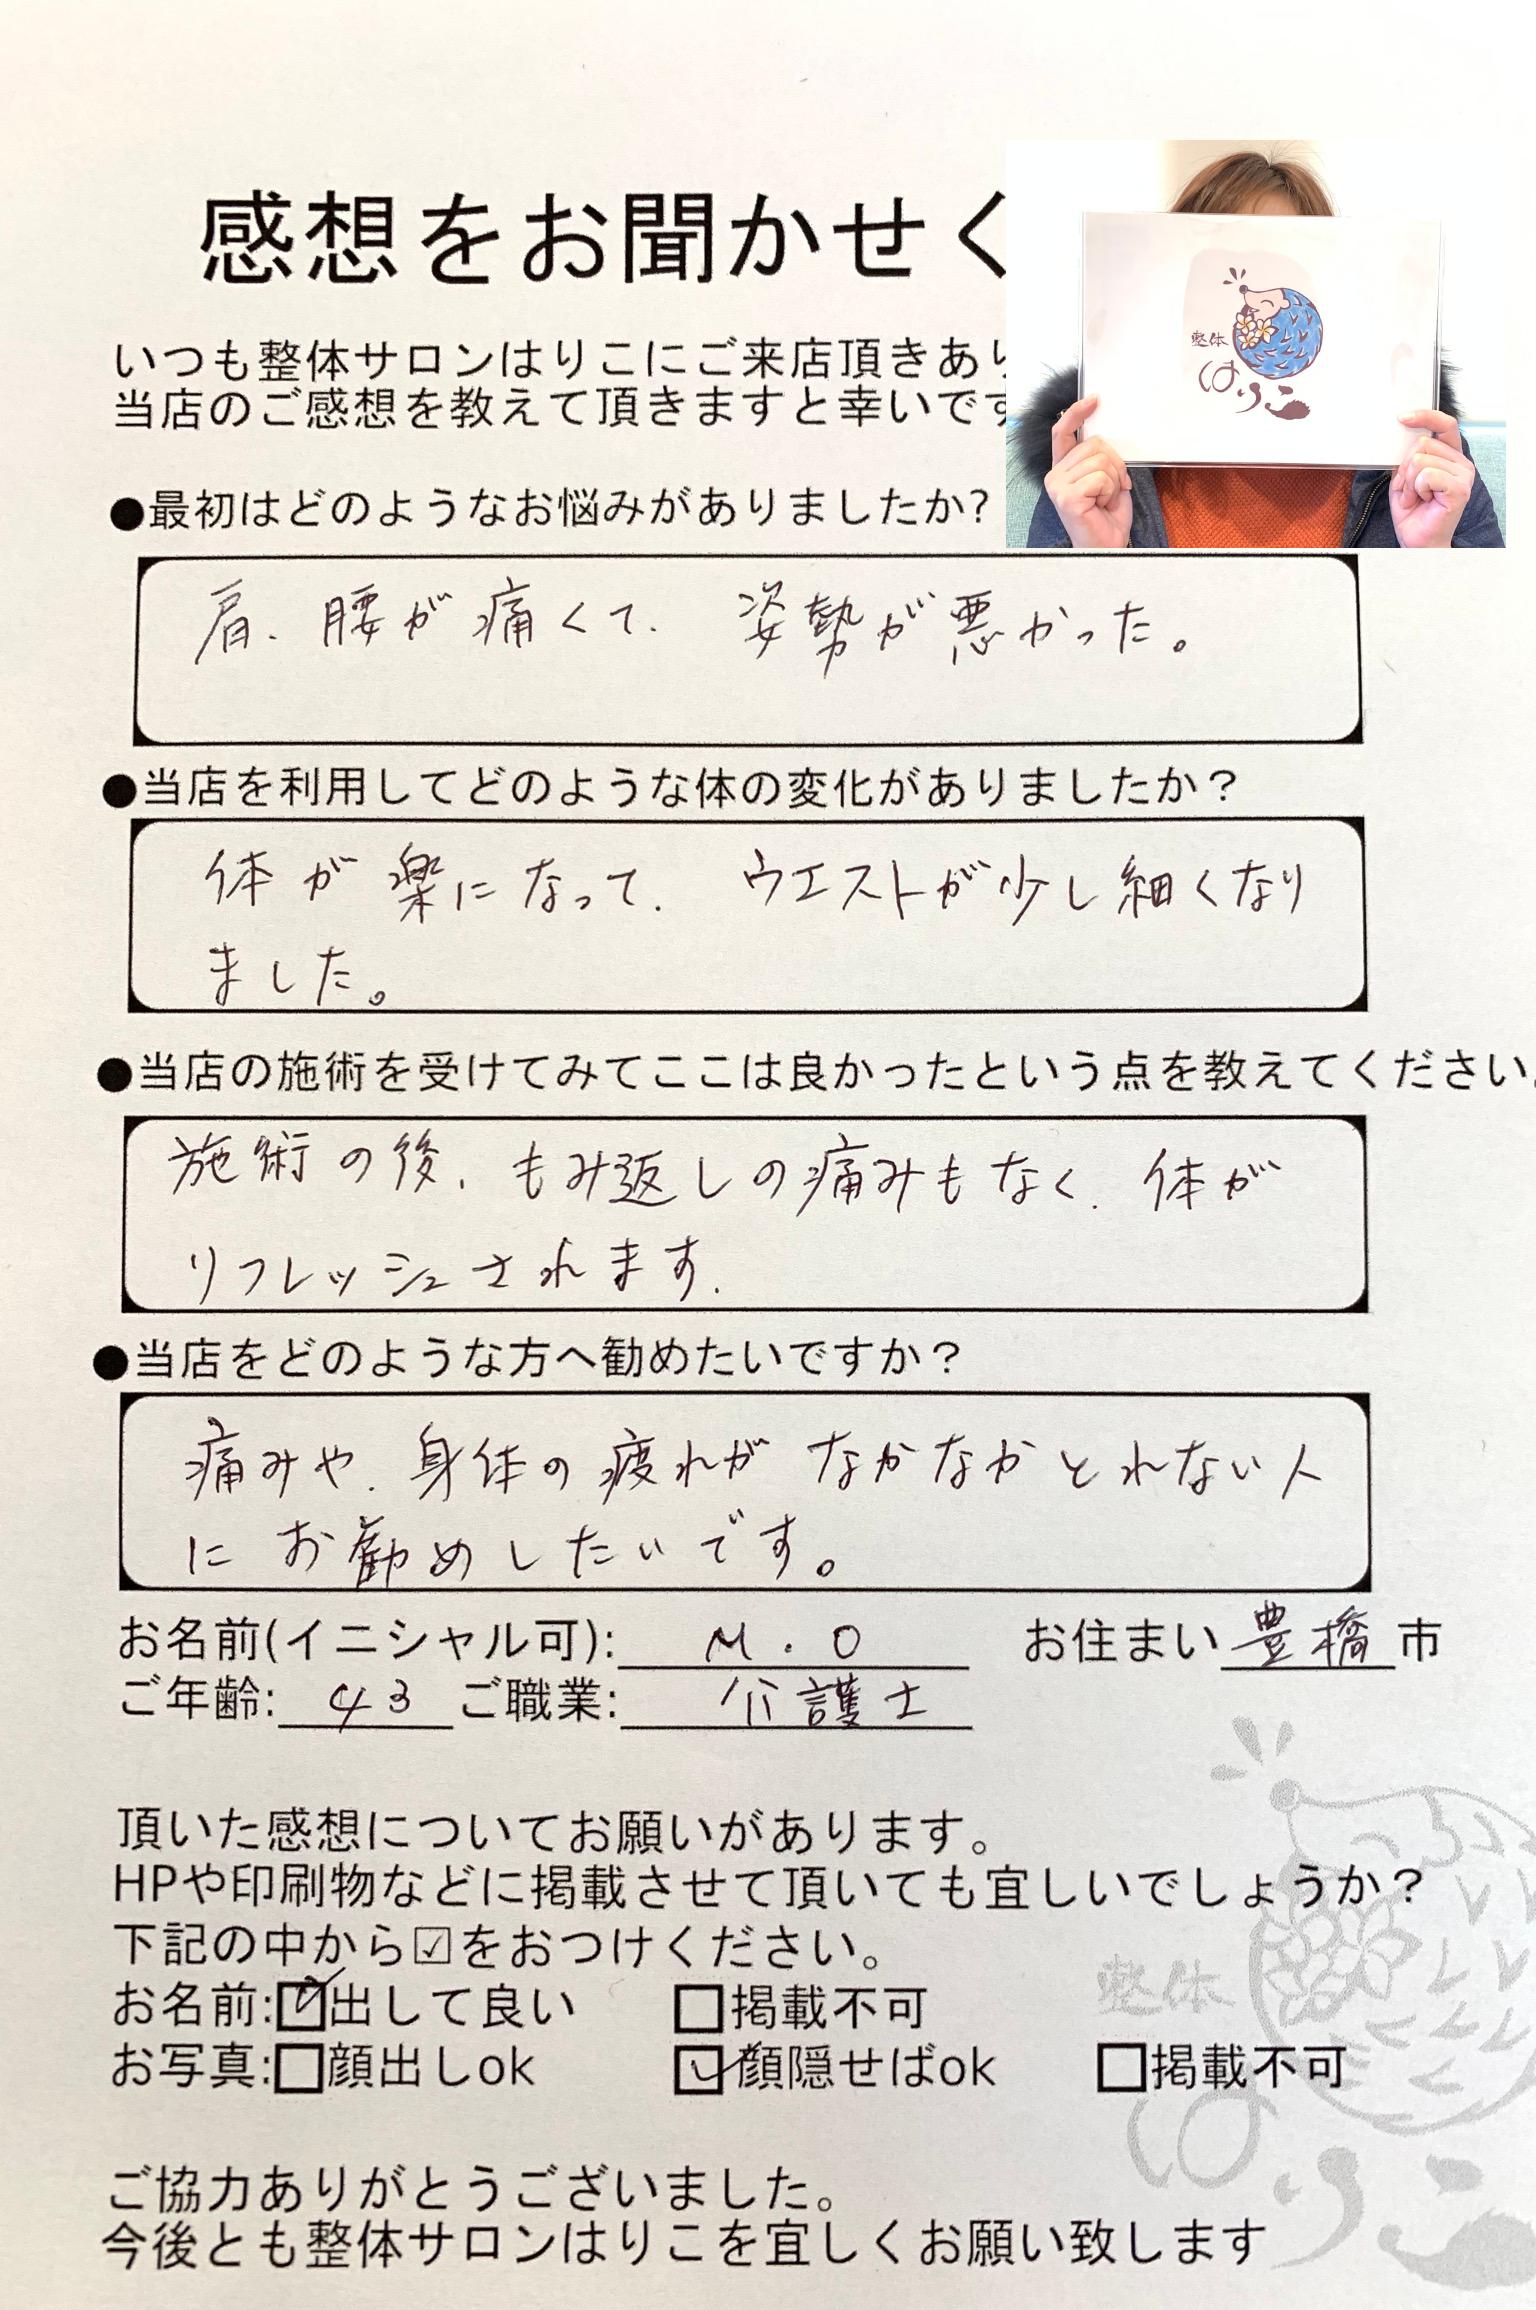 口コミイメージ12